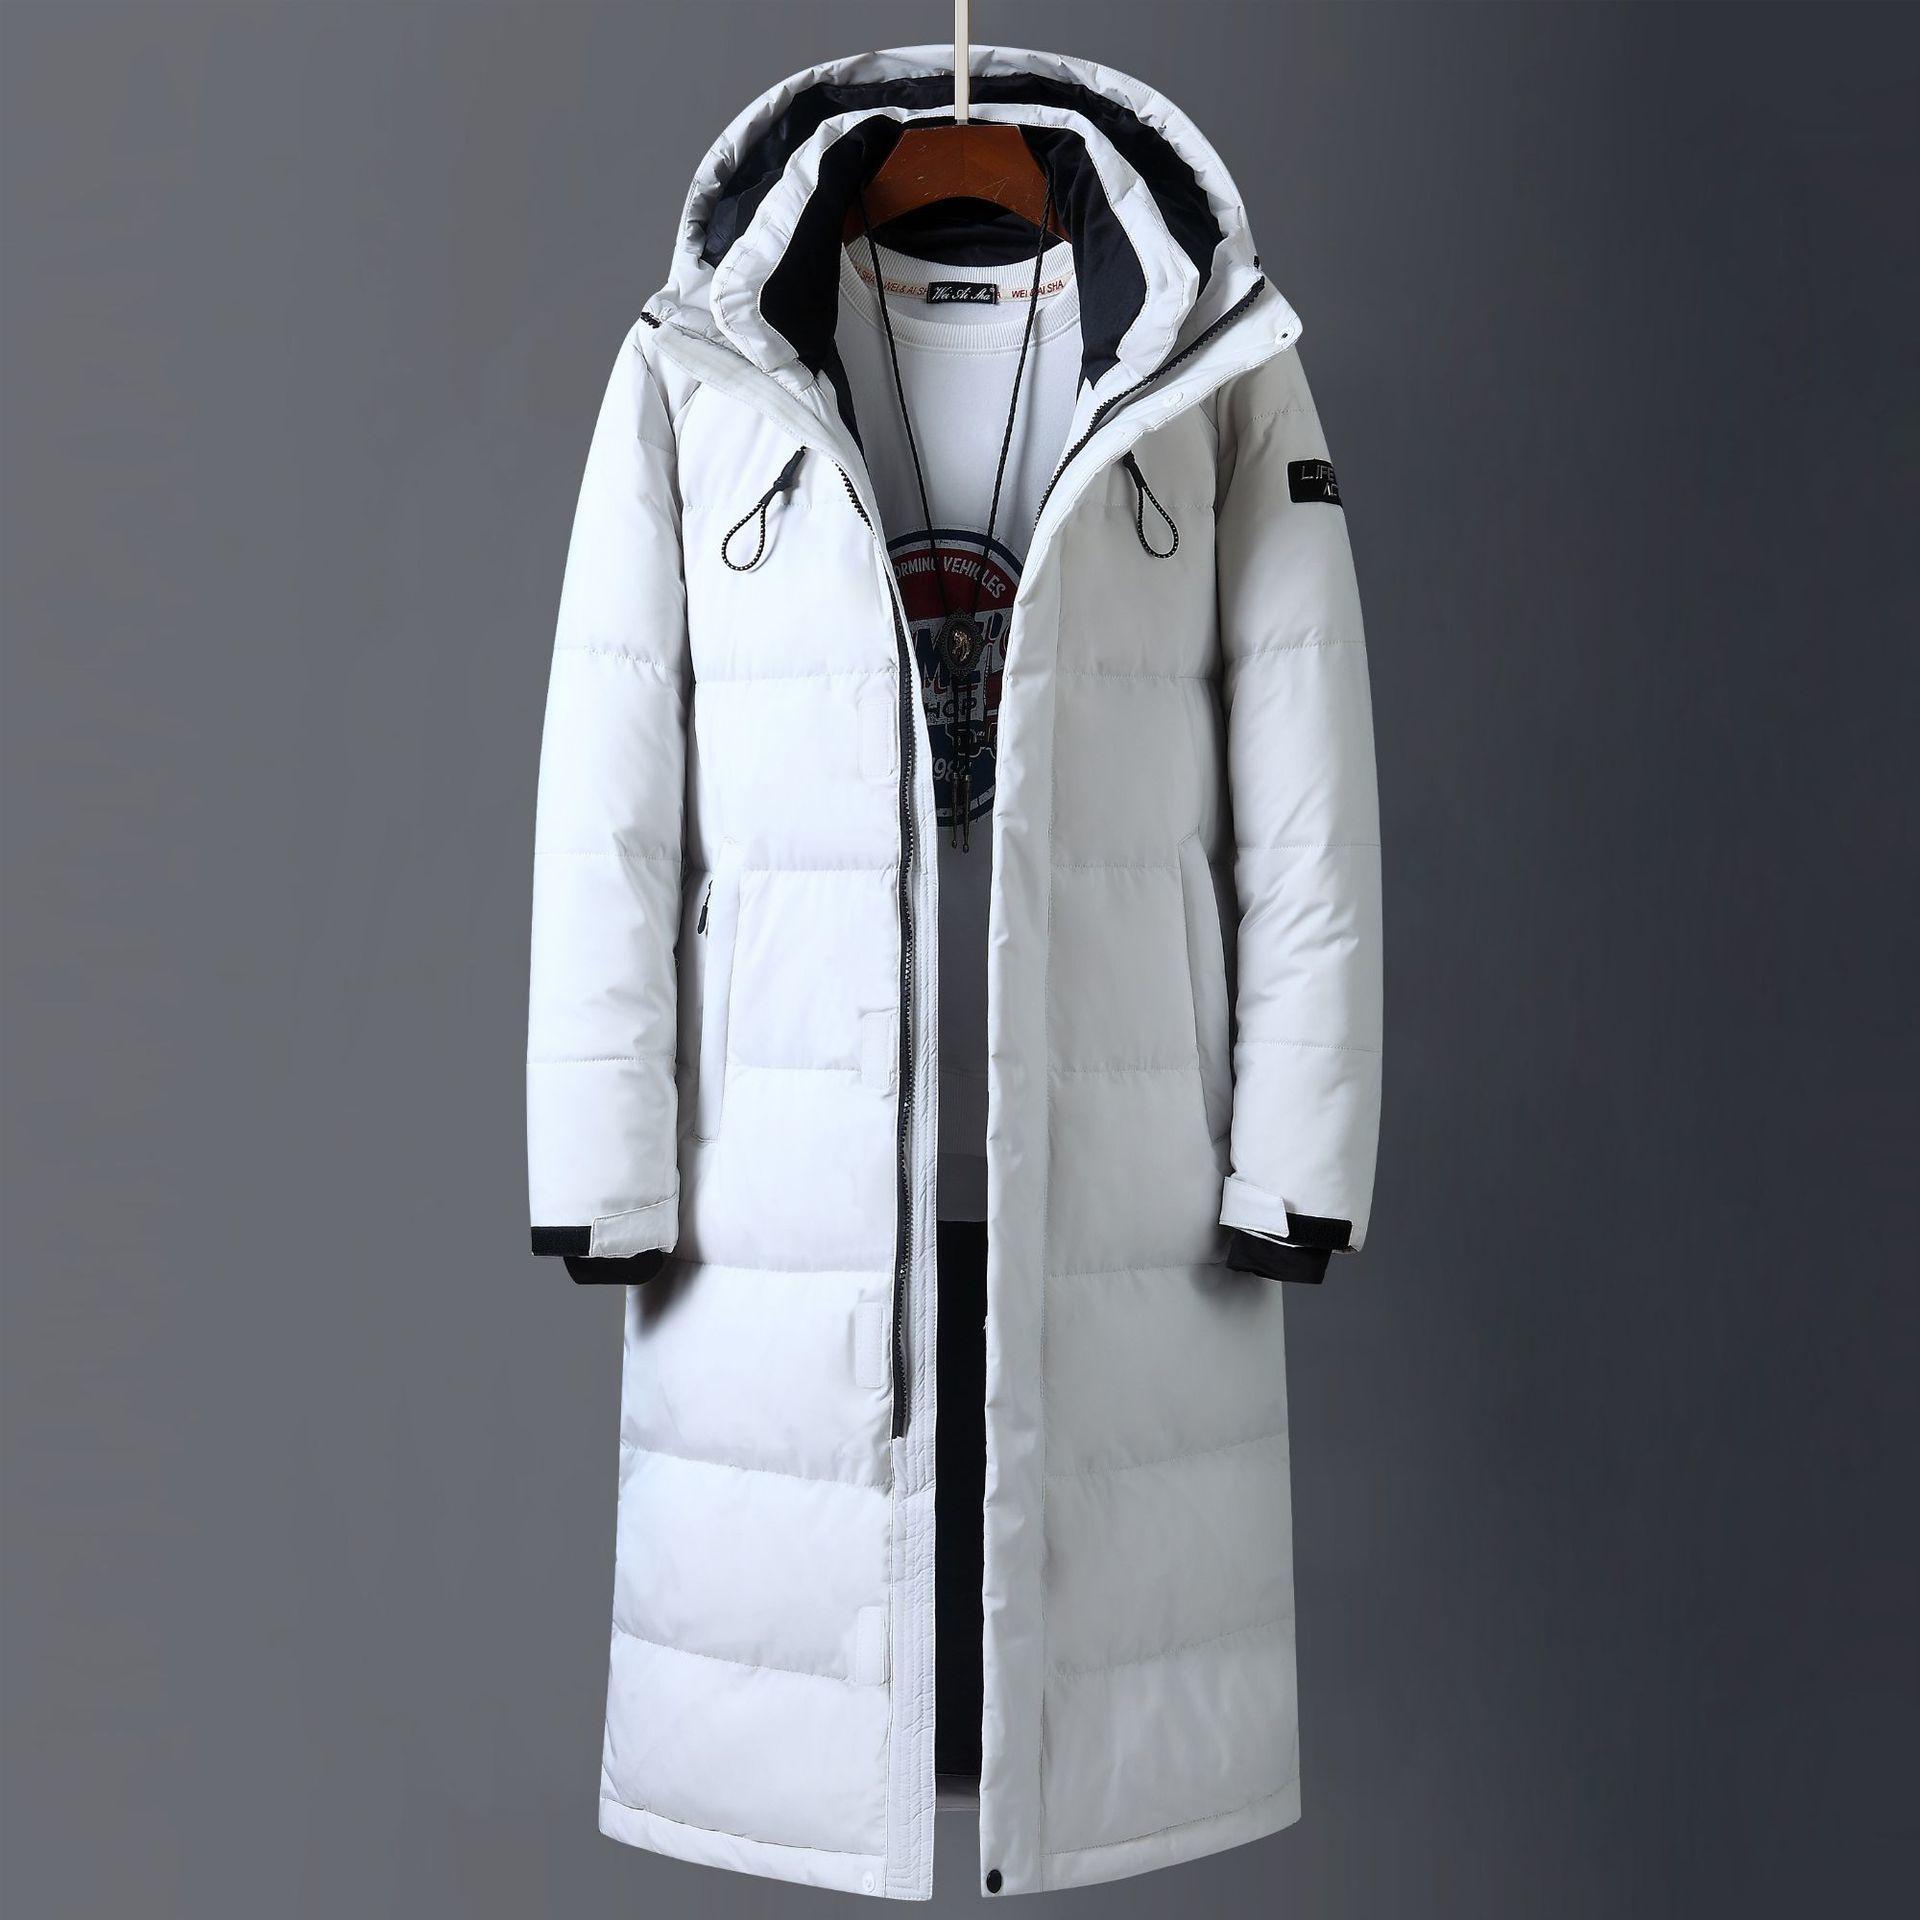 2019 nuovi uomini Inverno Down Jacket di alta qualità X-Long spessore caldo cappotto di modo Trens Rosso Giallo Nero Youth Parkas 3XL T200907